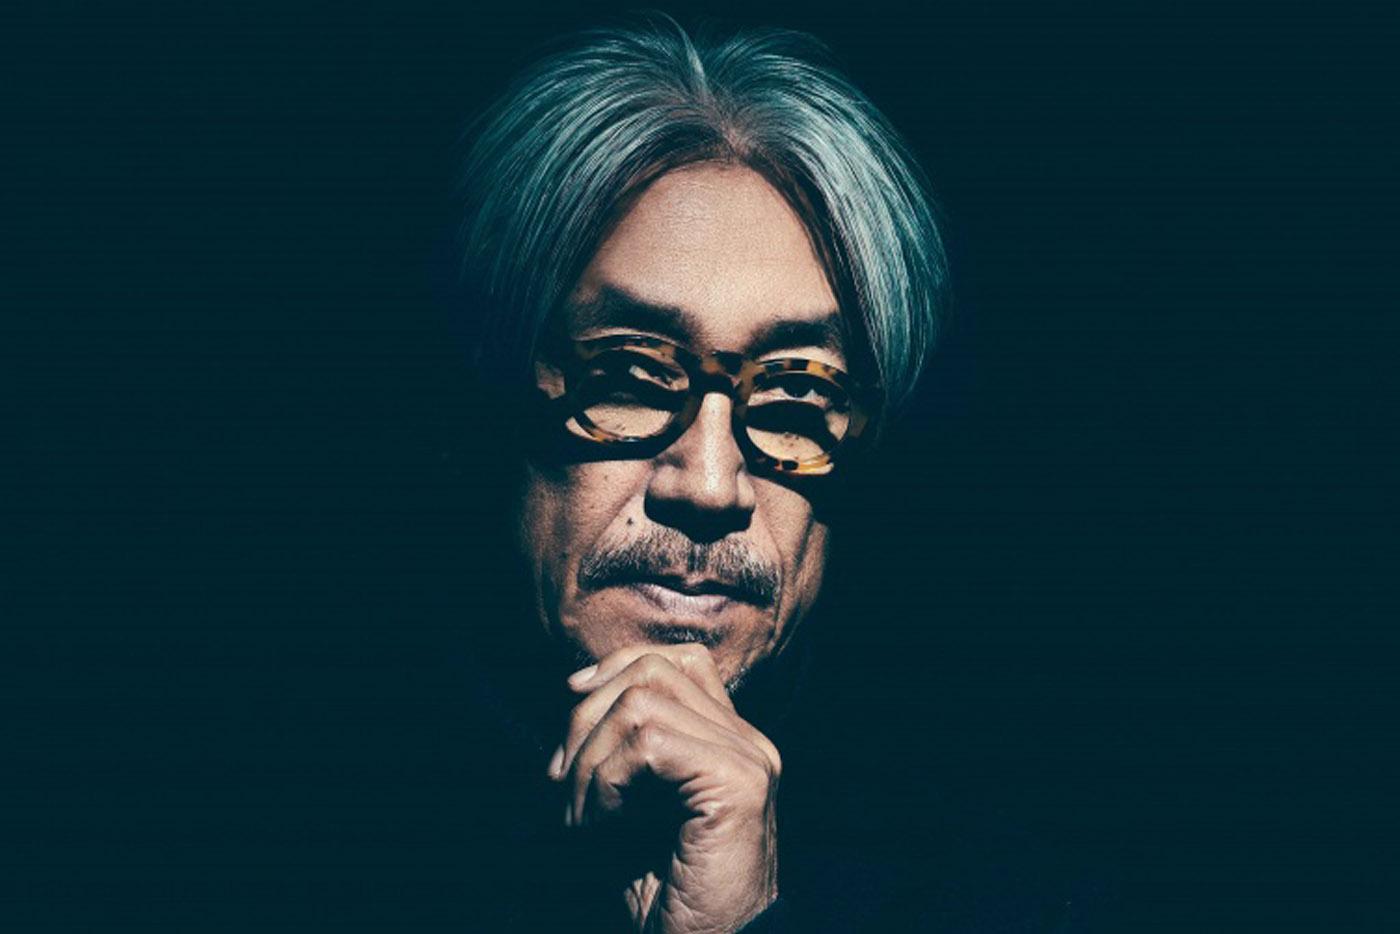 """Ryuichi Sakamoto comparte un concierto improvisado """"sanador"""""""